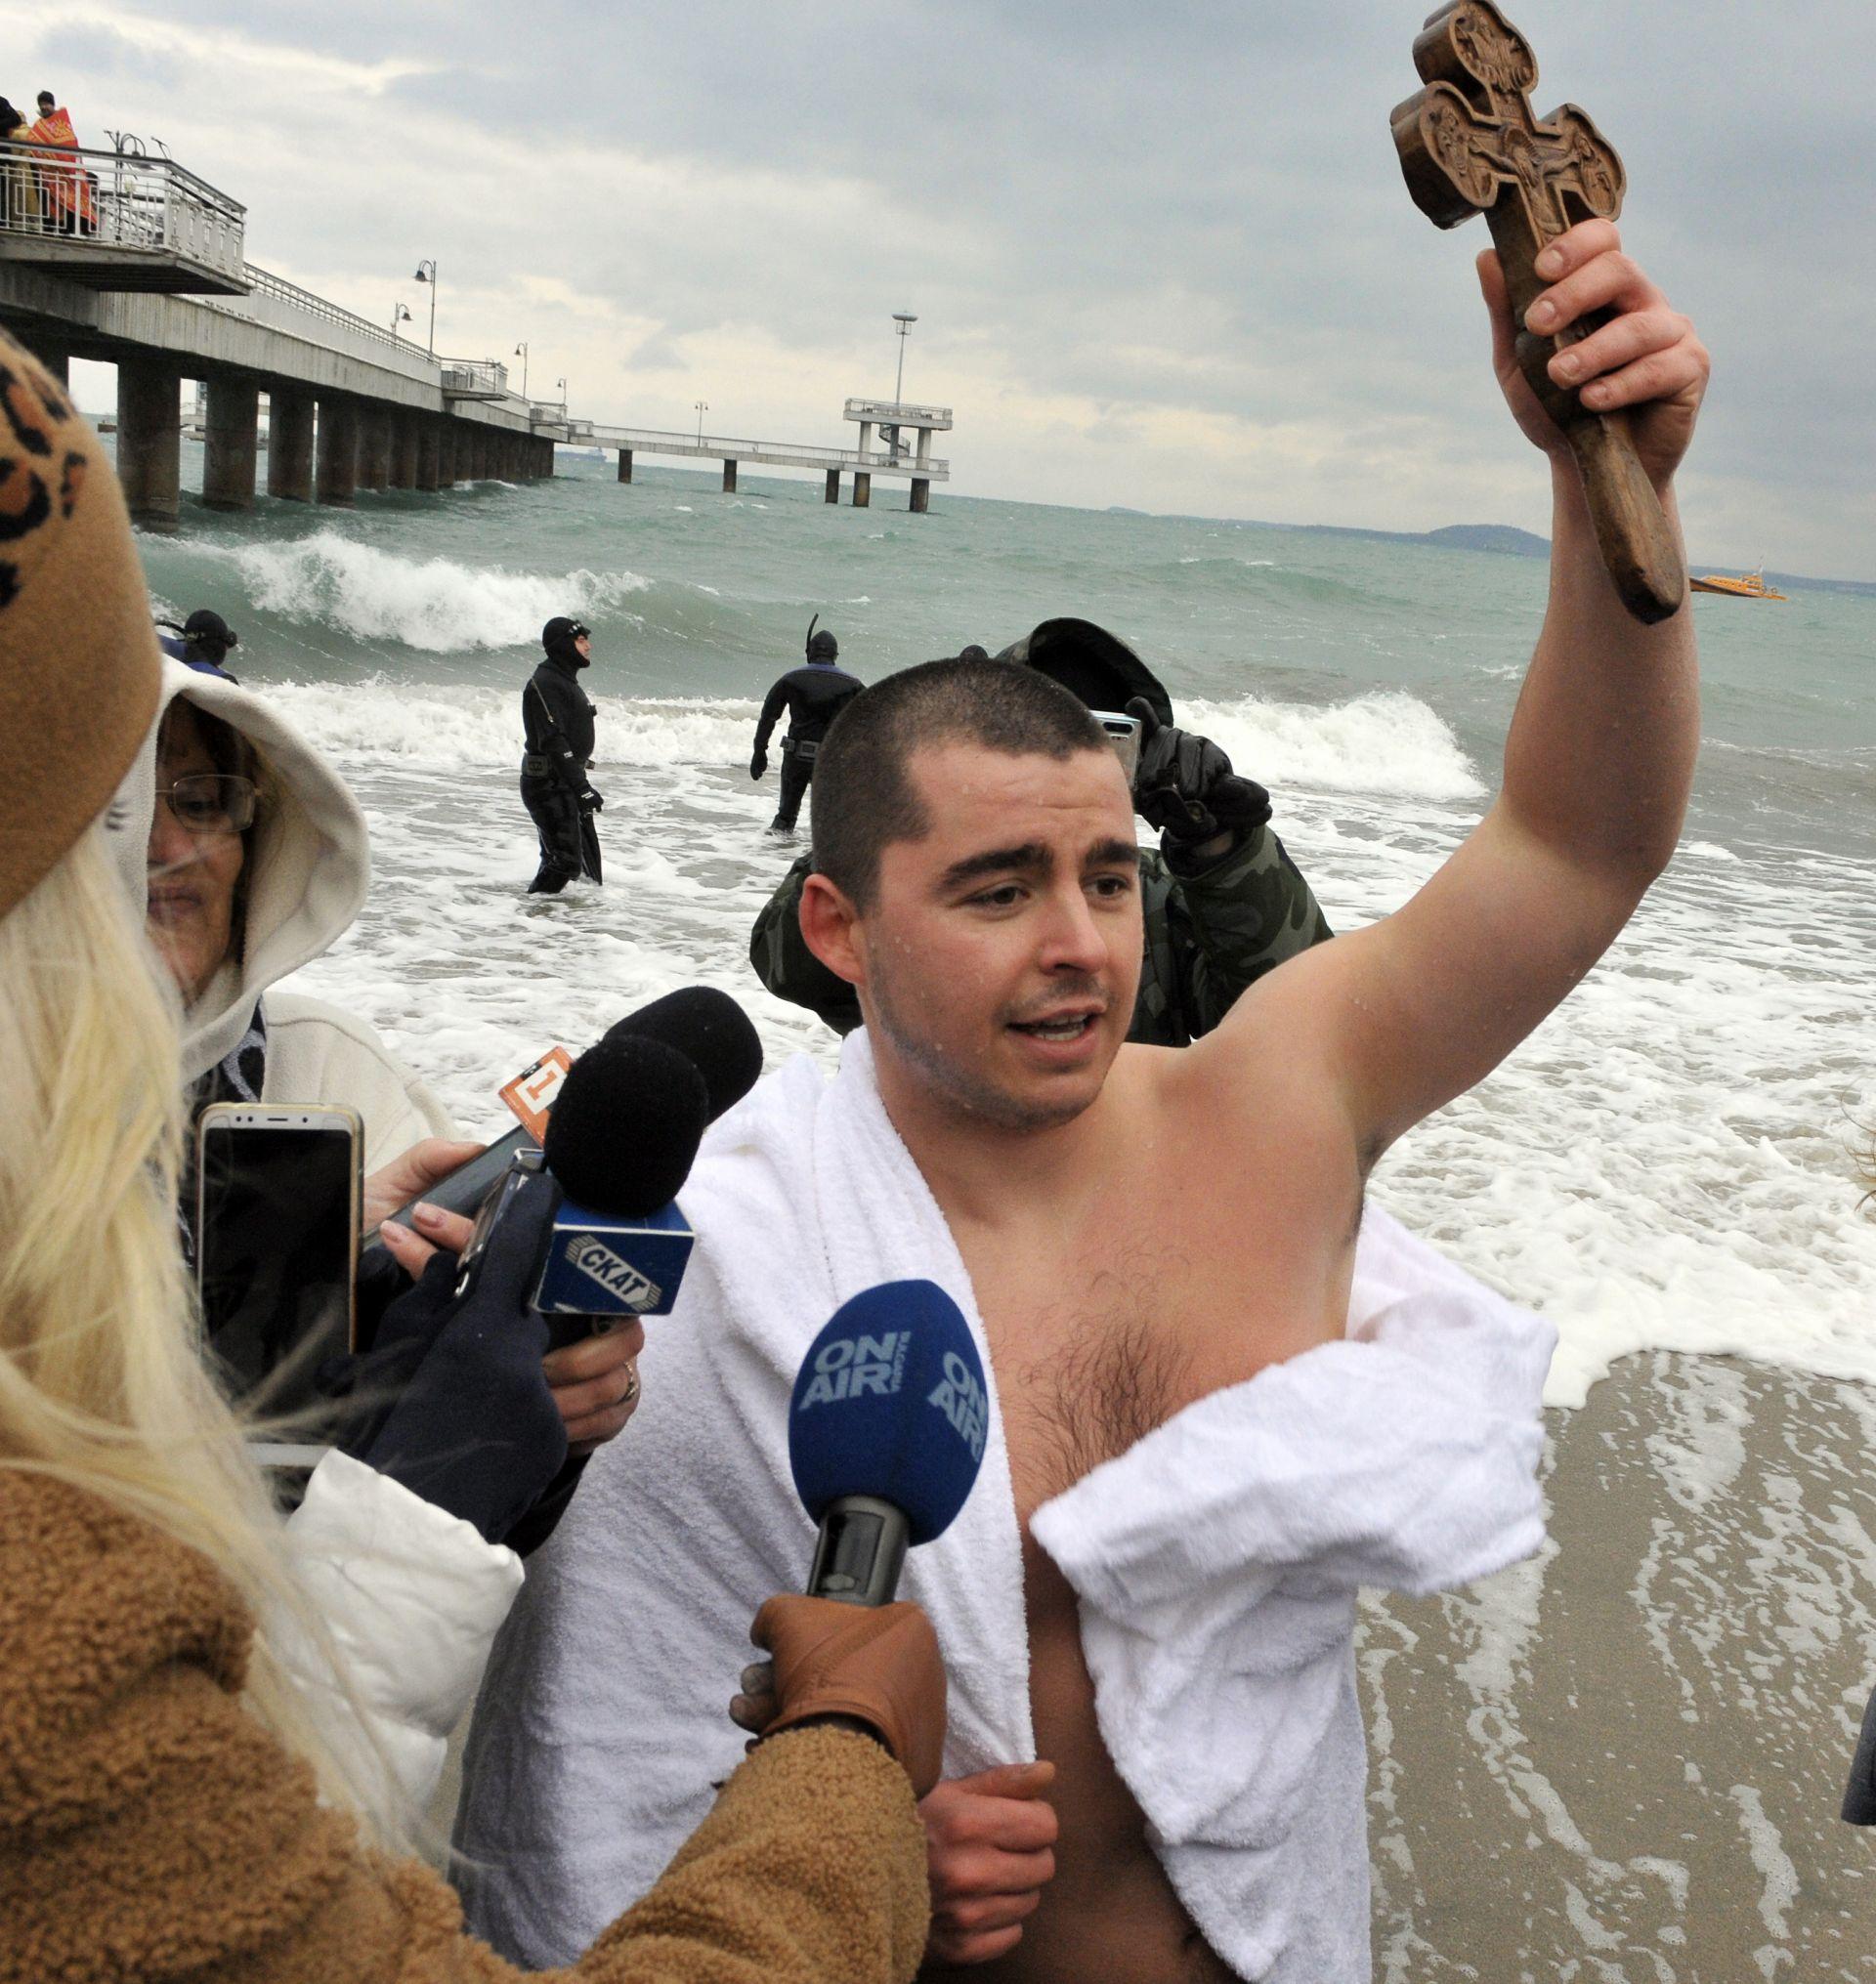 Кръстът в Бургас при Моста бе изваден от 22-годишния Яким Георгиев от Бургас,студент в Англия